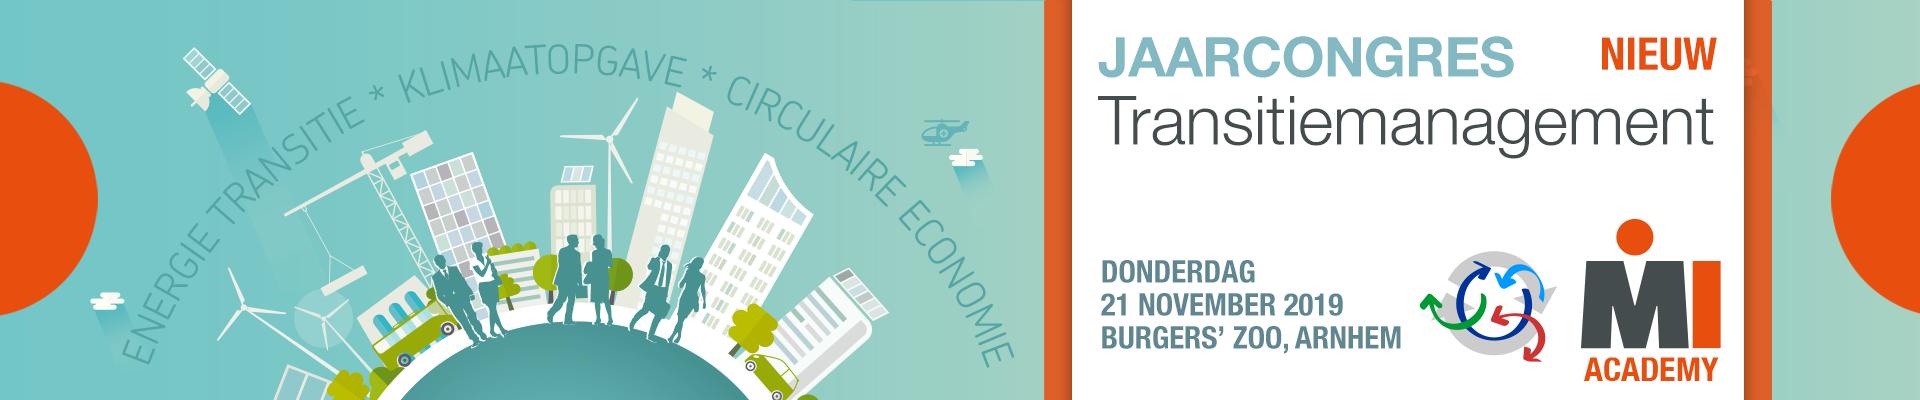 Jaarcongres Transitiemanagement